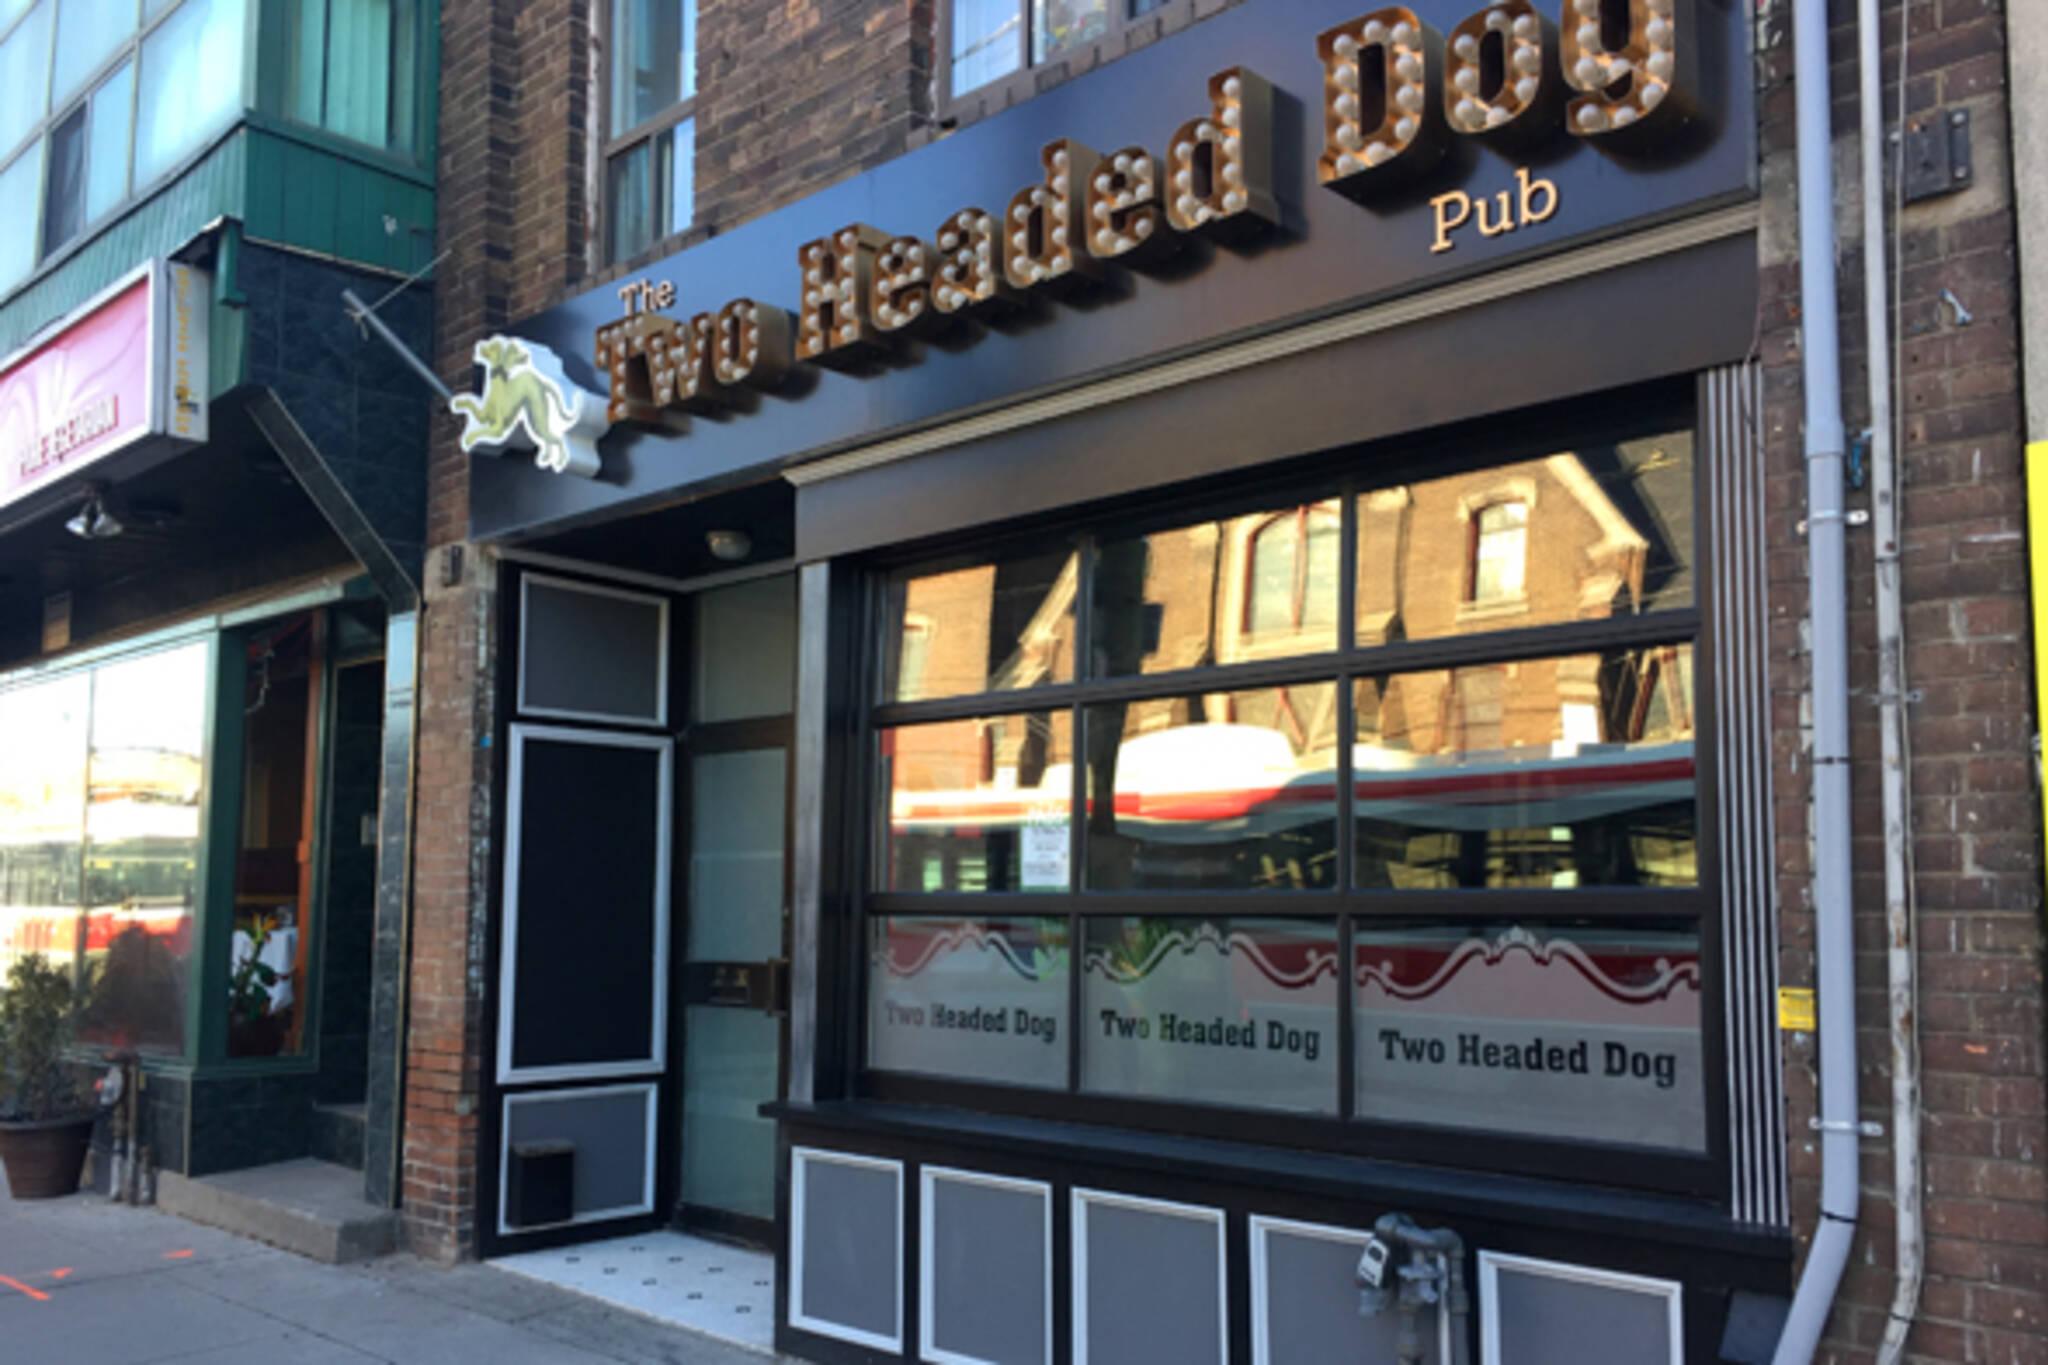 Two Headed Dog Pub